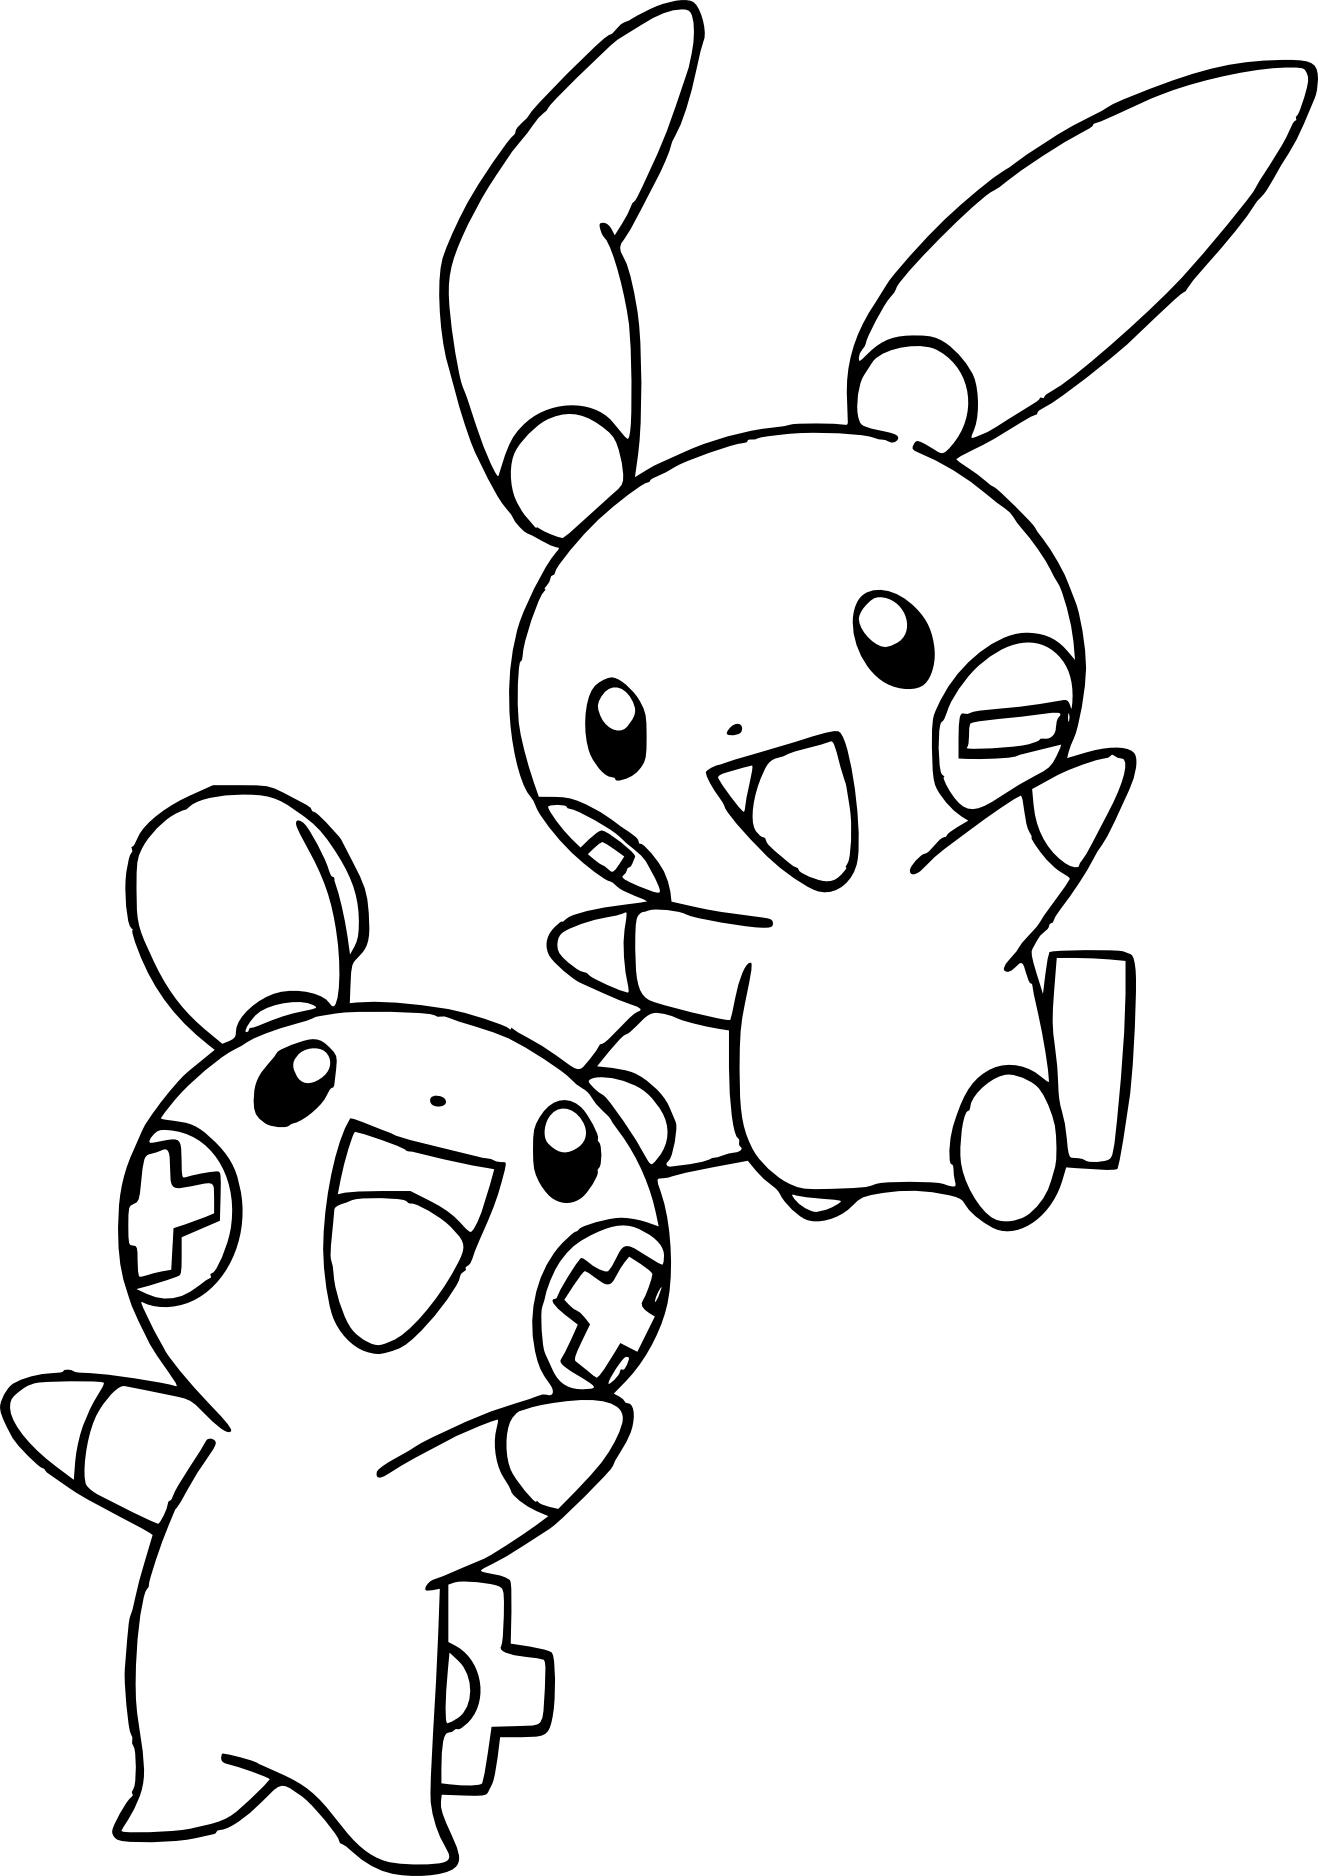 Coloriage Posipi Pokemon gratuit à imprimer